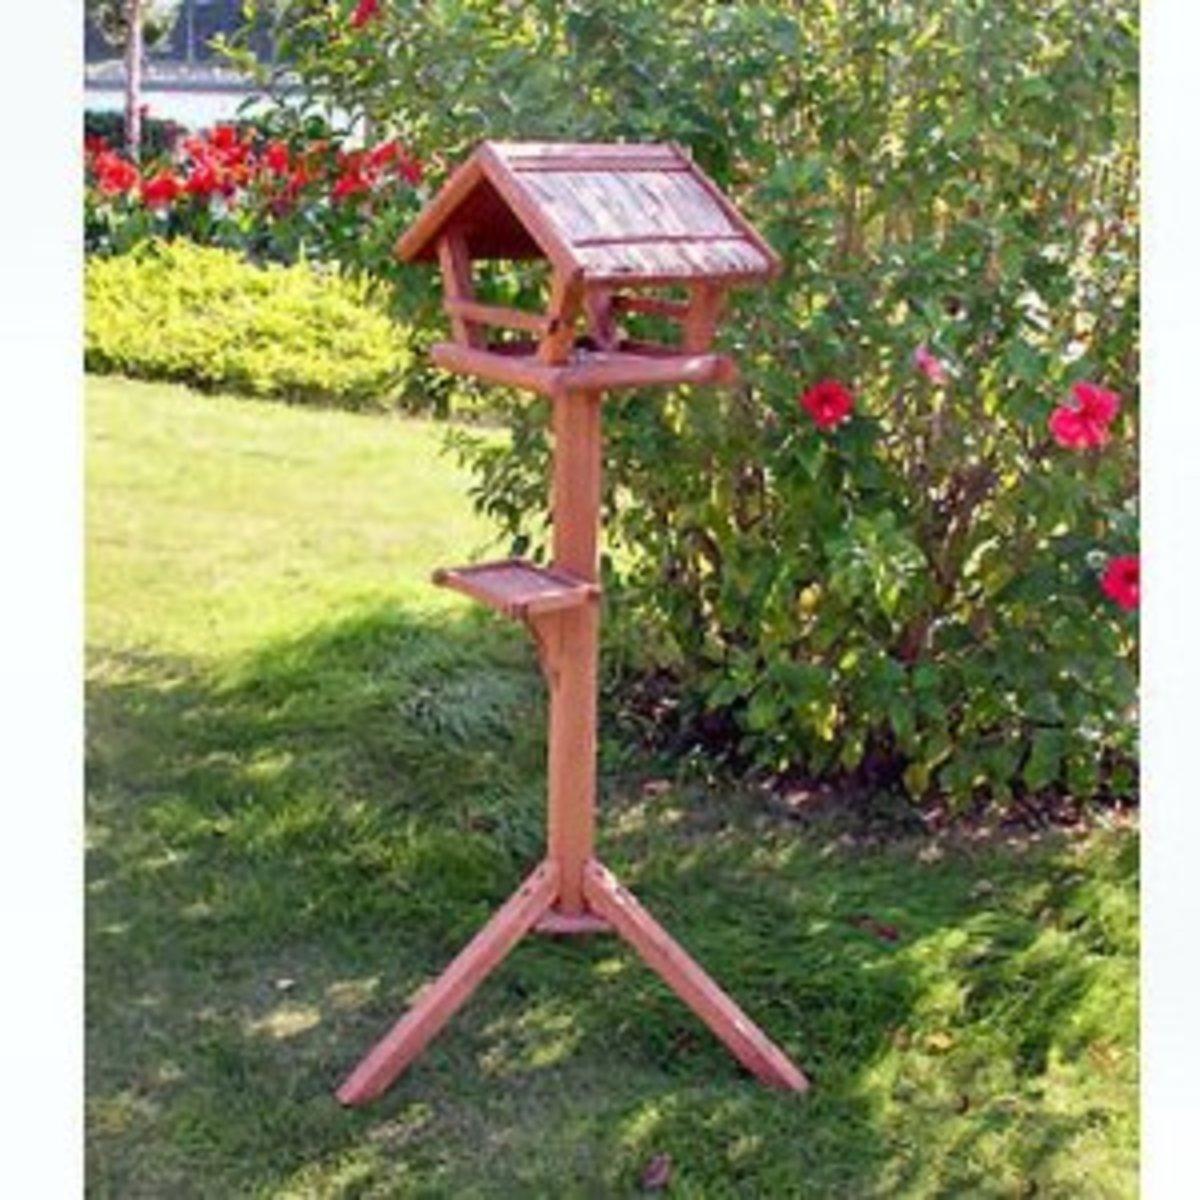 A bird table